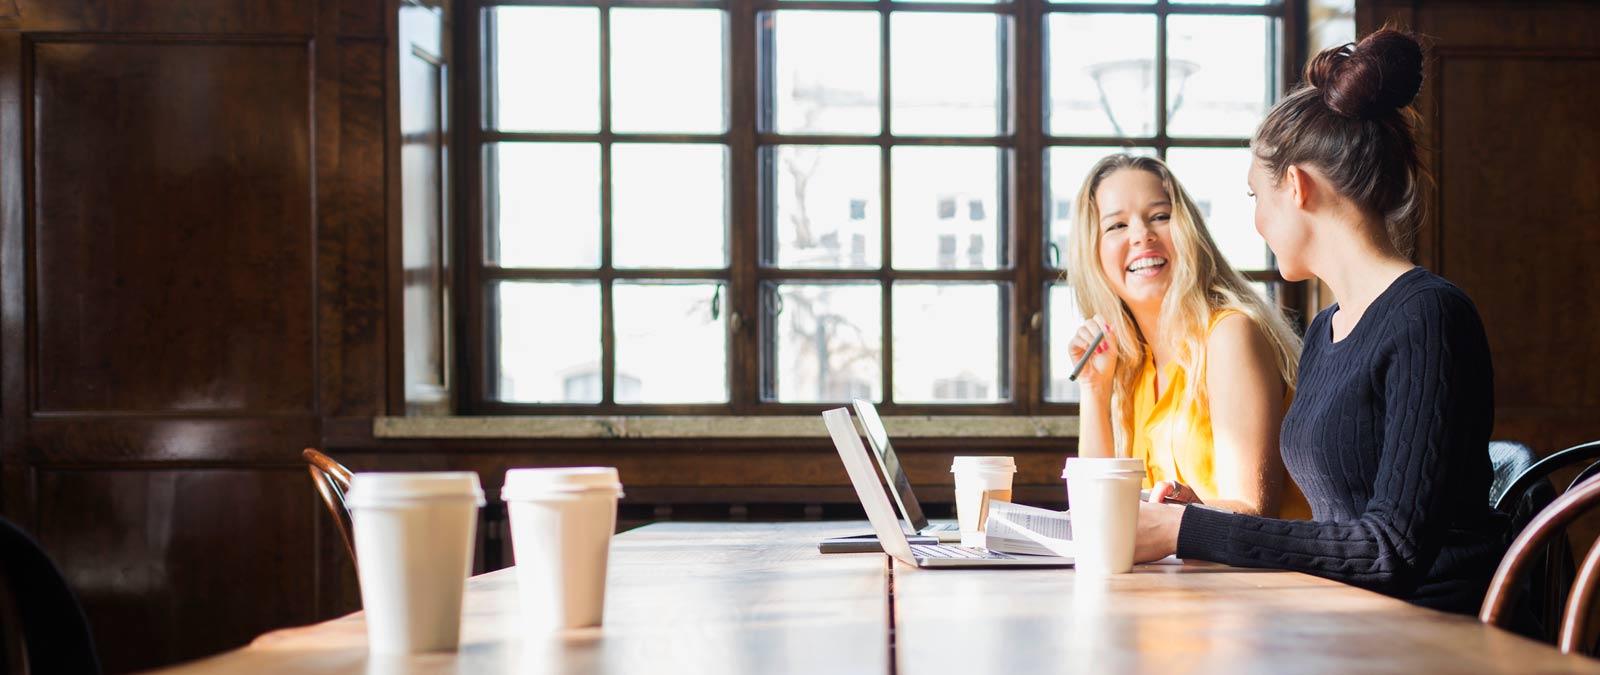 ผู้หญิงสองคนนั่งข้างกันที่โต๊ะกำลังใช้ Office 365 ProPlus บนแล็ปท็อปของพวกเขา